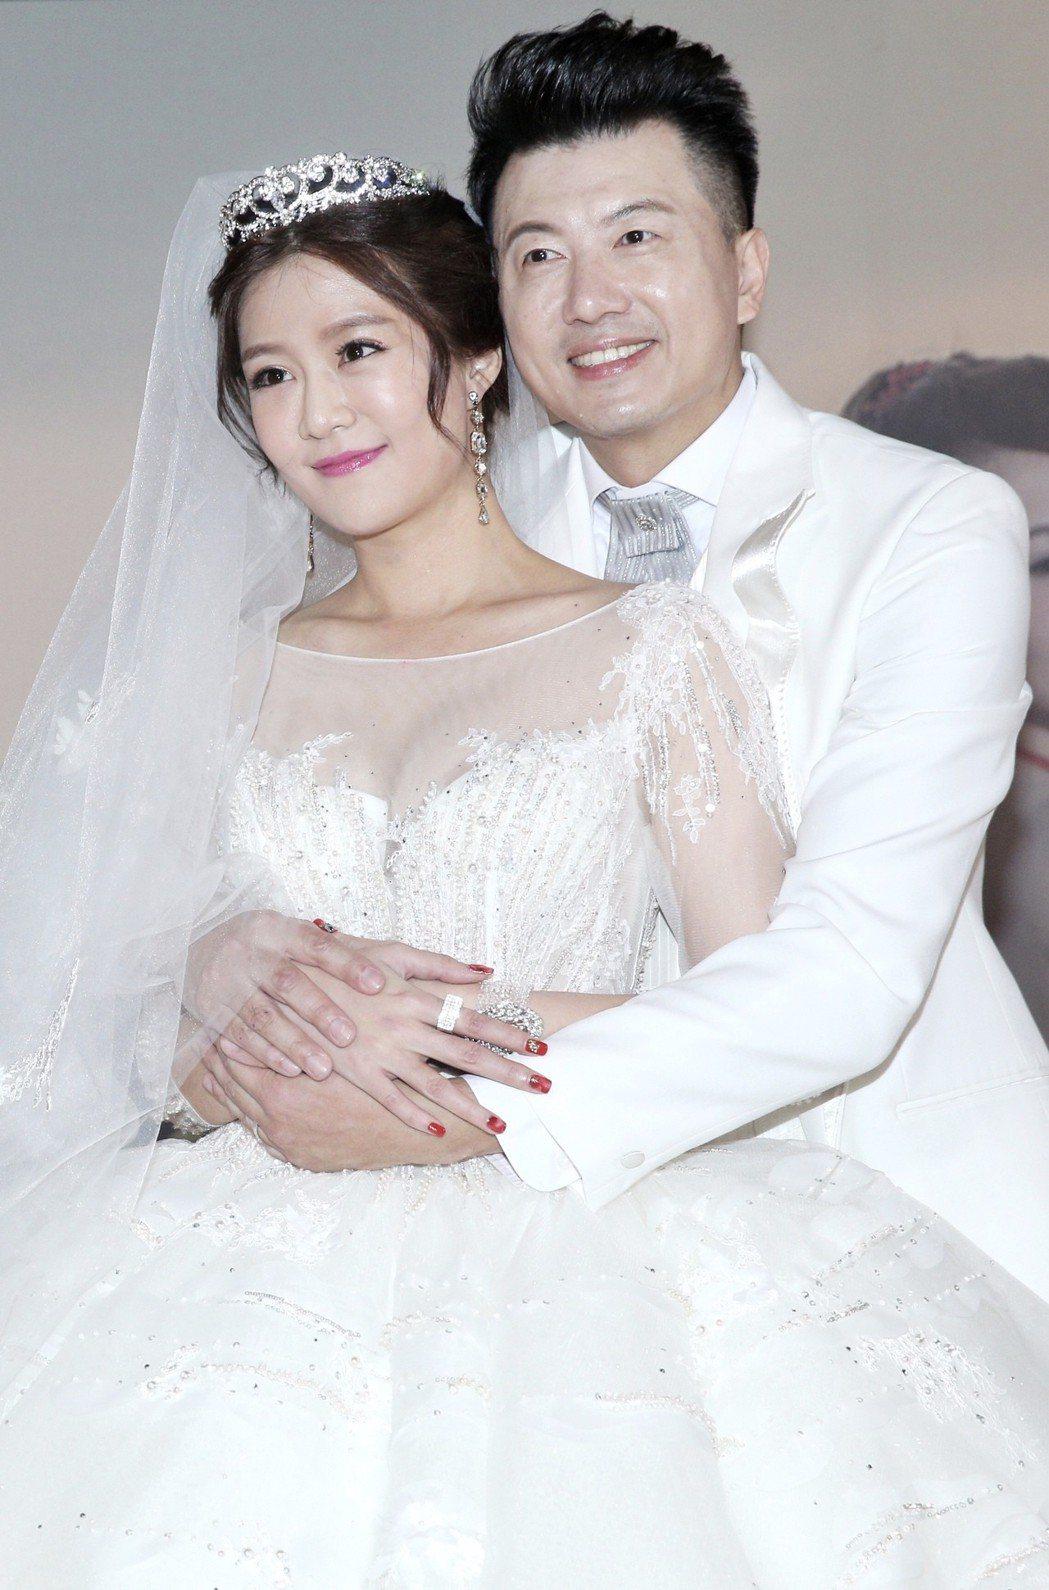 民視演員吳皓昇(右)與文汶(左)昨天在君品酒店舉行婚禮。記者林伯東/攝影